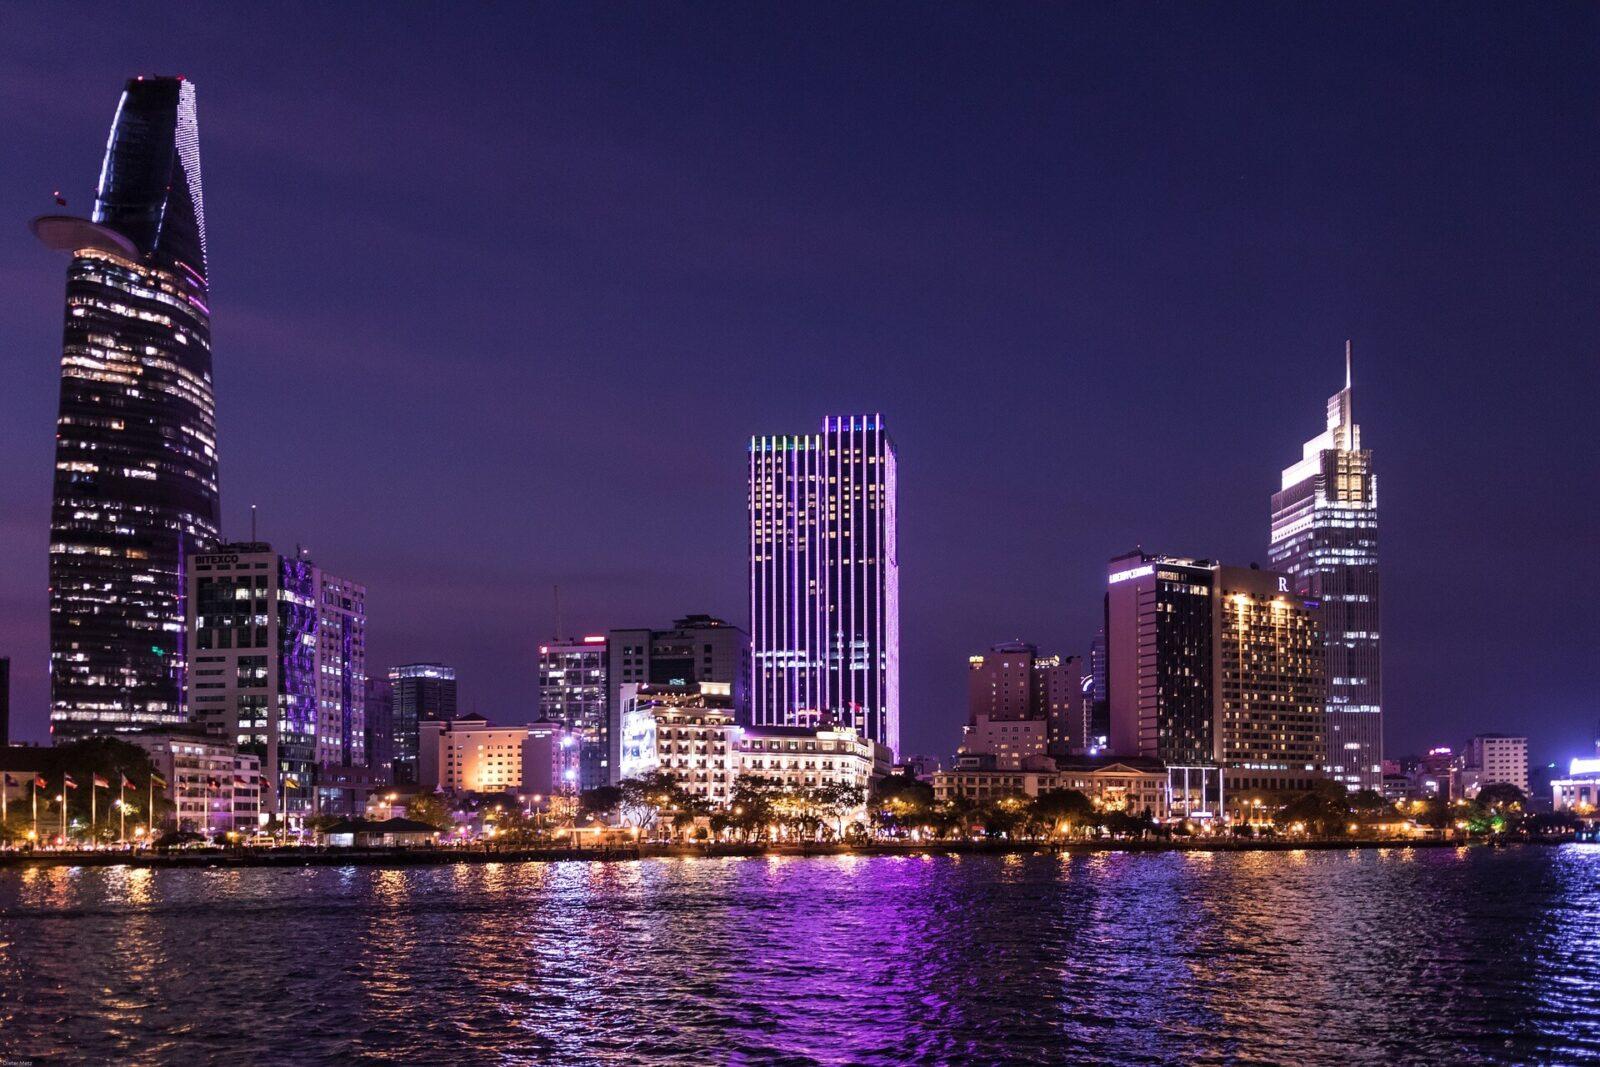 Kombireise Vietnam - Erfüllen Sie sich einen Traum!